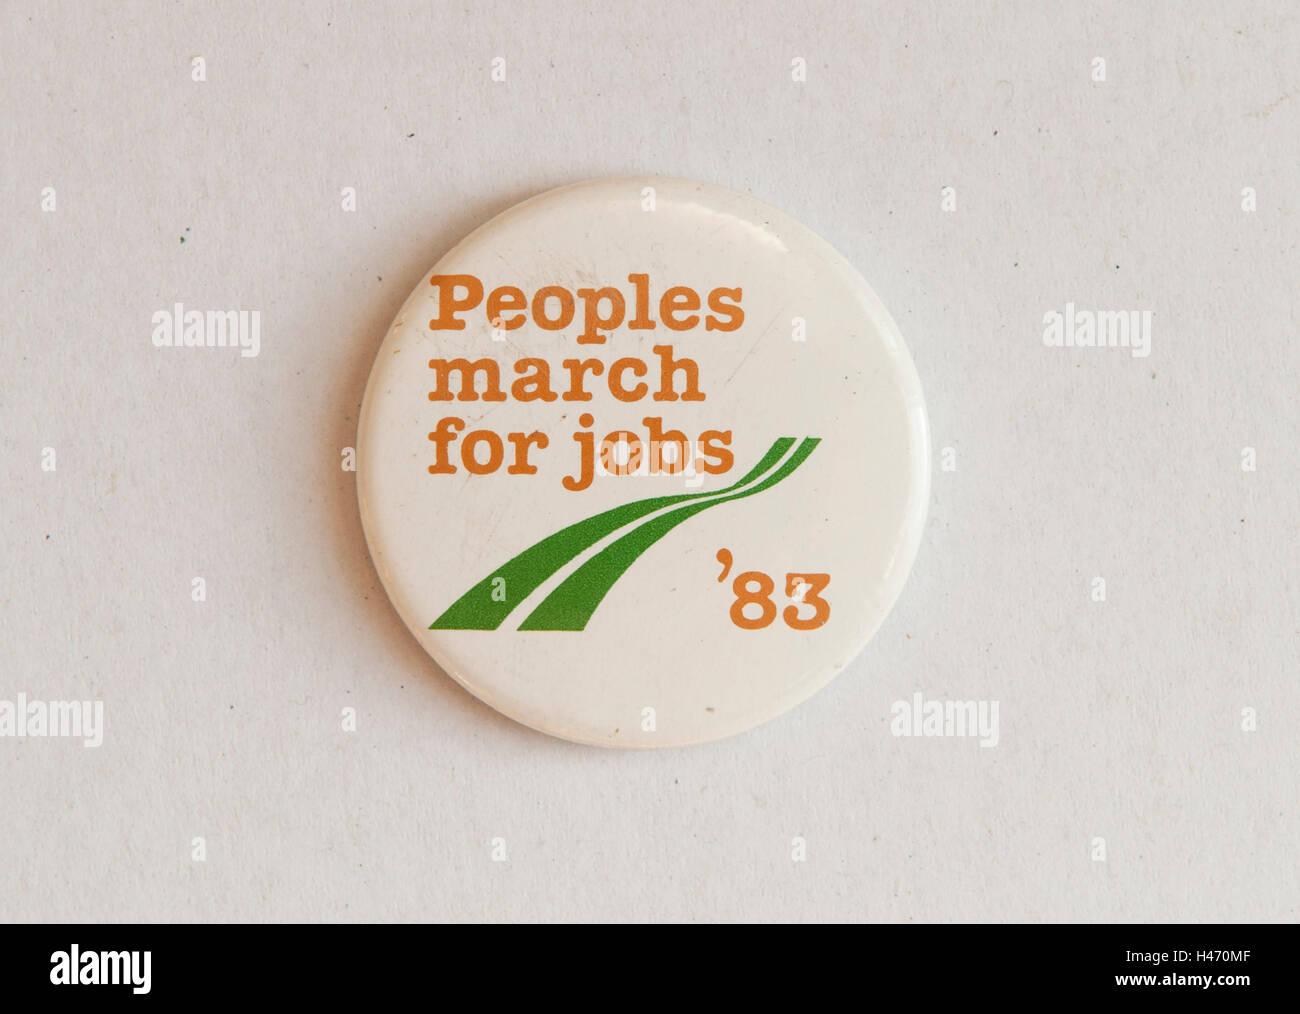 Völker benutzen März für Arbeitsplätze, Pin Abzeichen 1983 HOMER SYKES Stockbild